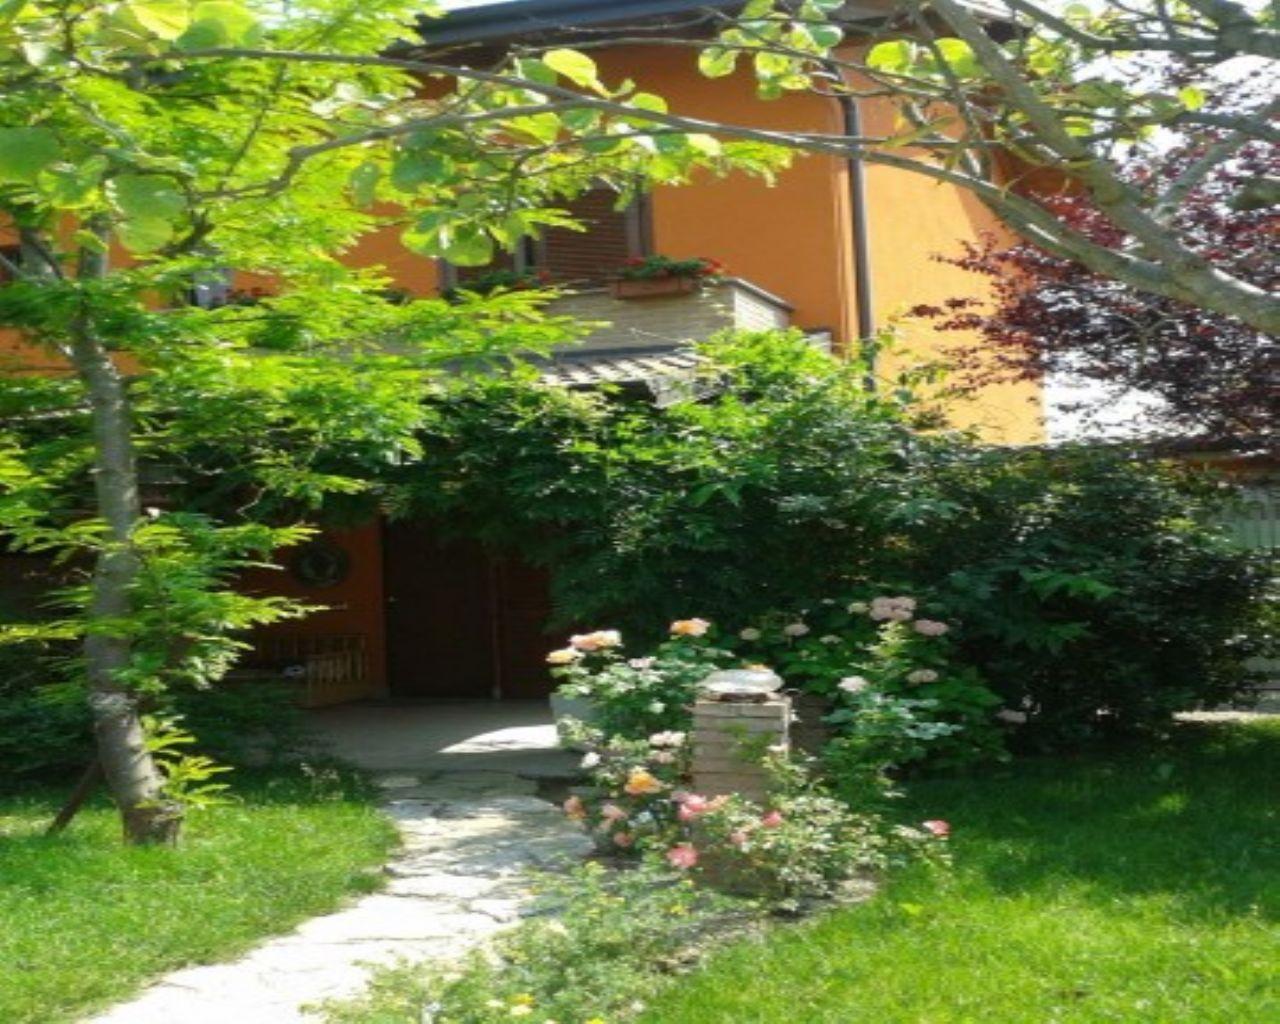 Villa in vendita a Chignolo Po, 4 locali, prezzo € 165.000 | CambioCasa.it